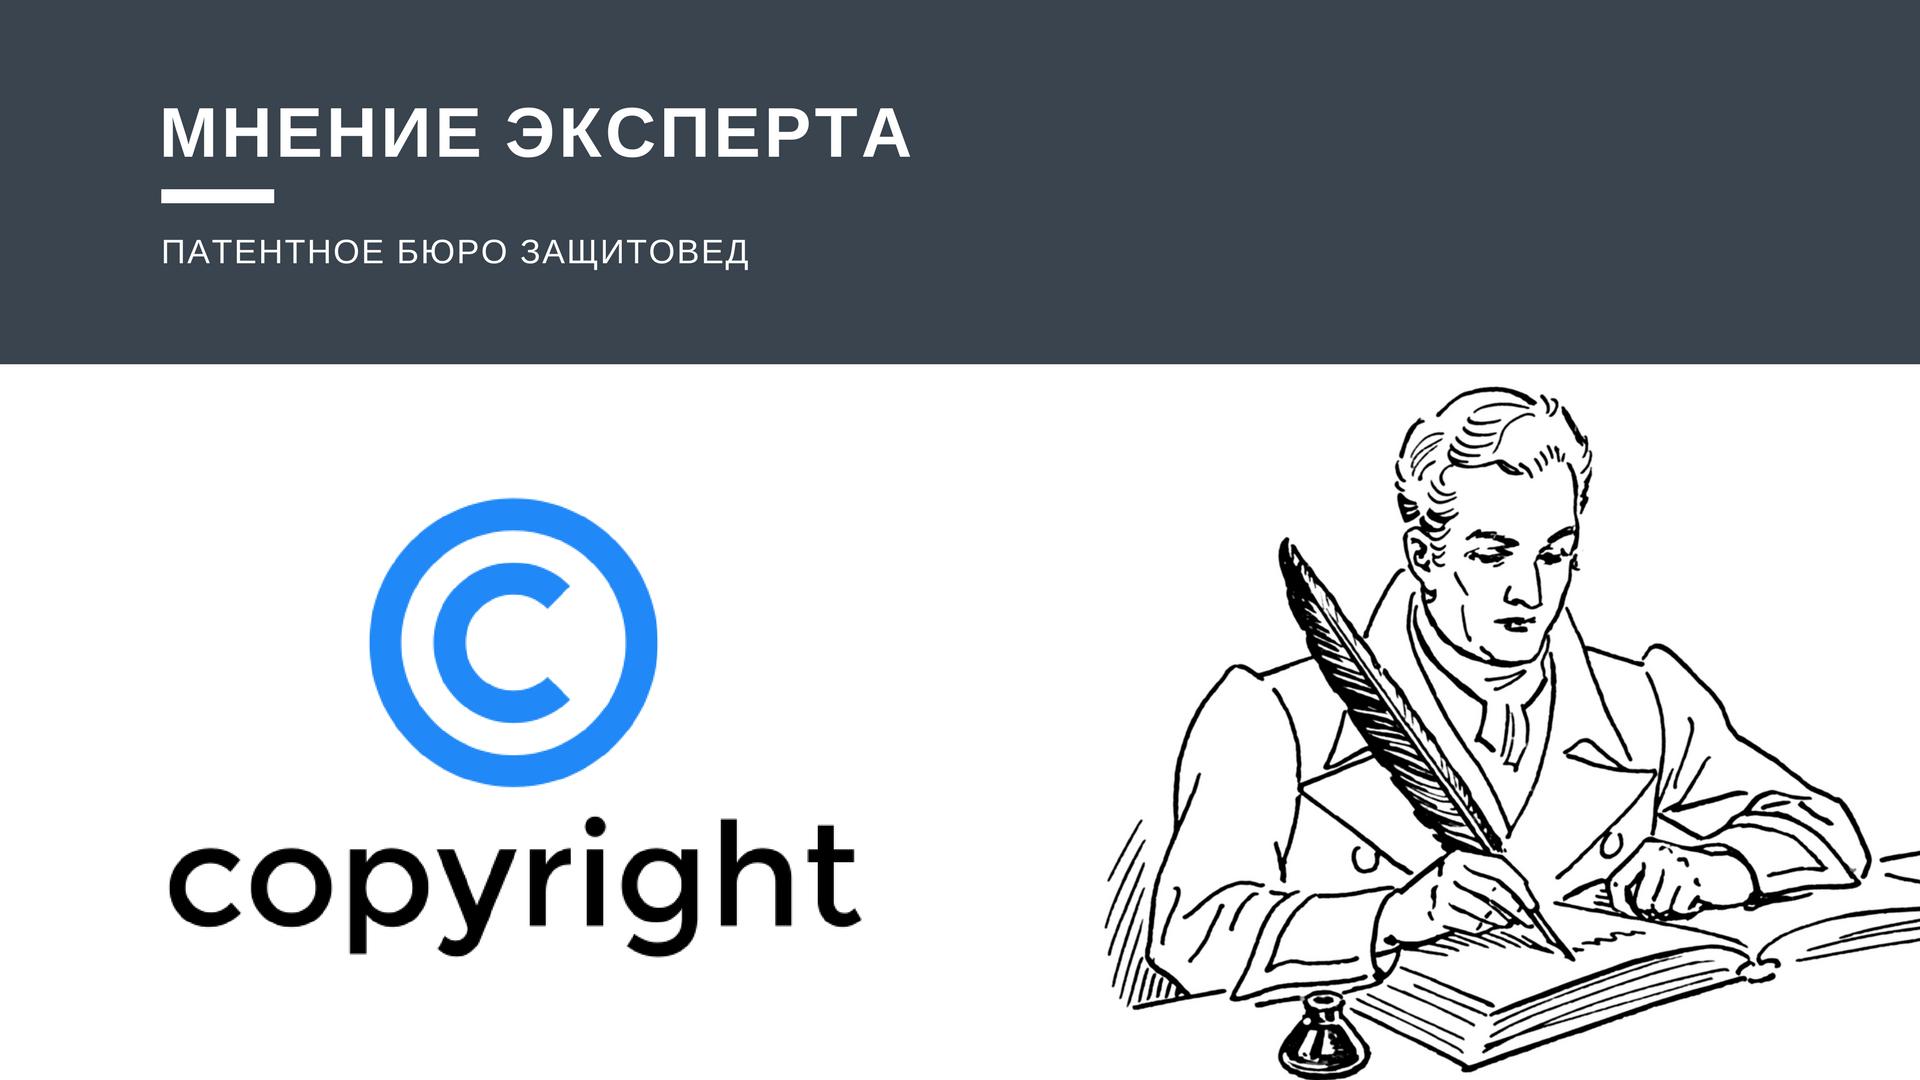 ответы на вопросы по авторскому праву